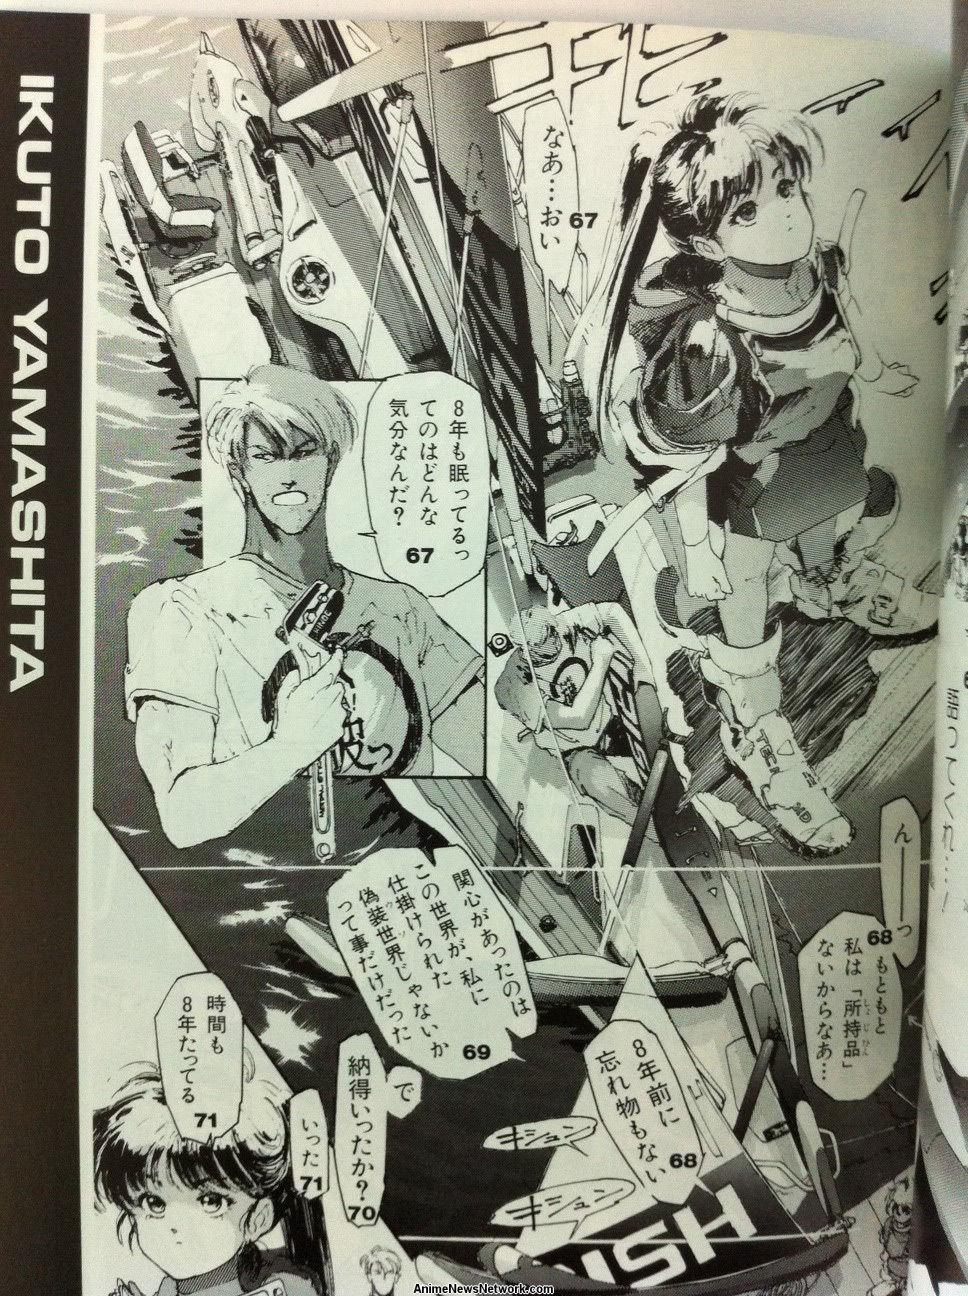 Extreme isane manga mega sex warrior